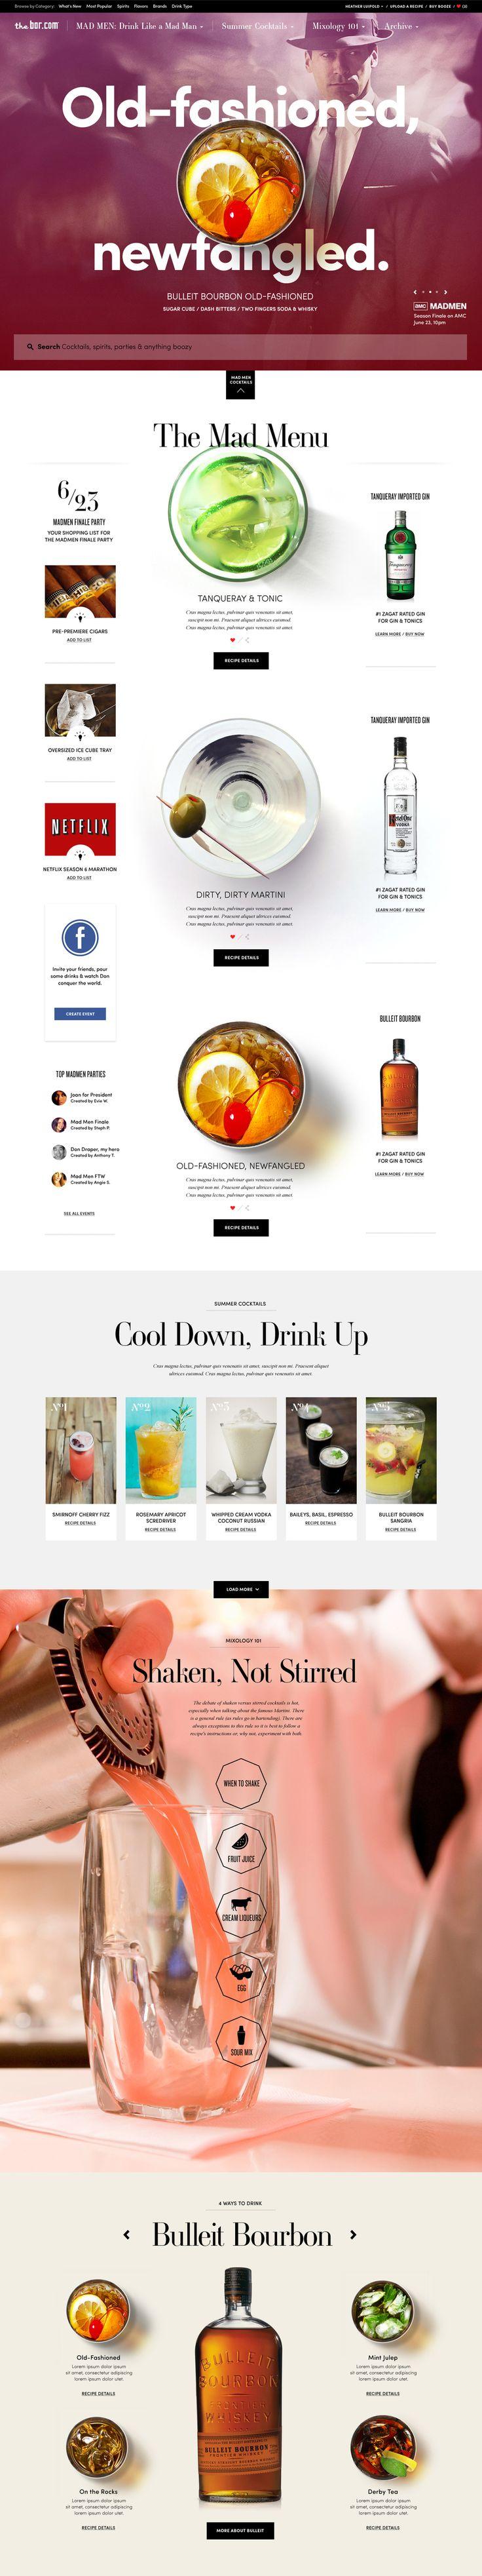 Heather Luipold: Diageo можно обыграть тему с днем рождения в принципе, например какой-то напиток отвечает за какой-то сектор инфографики